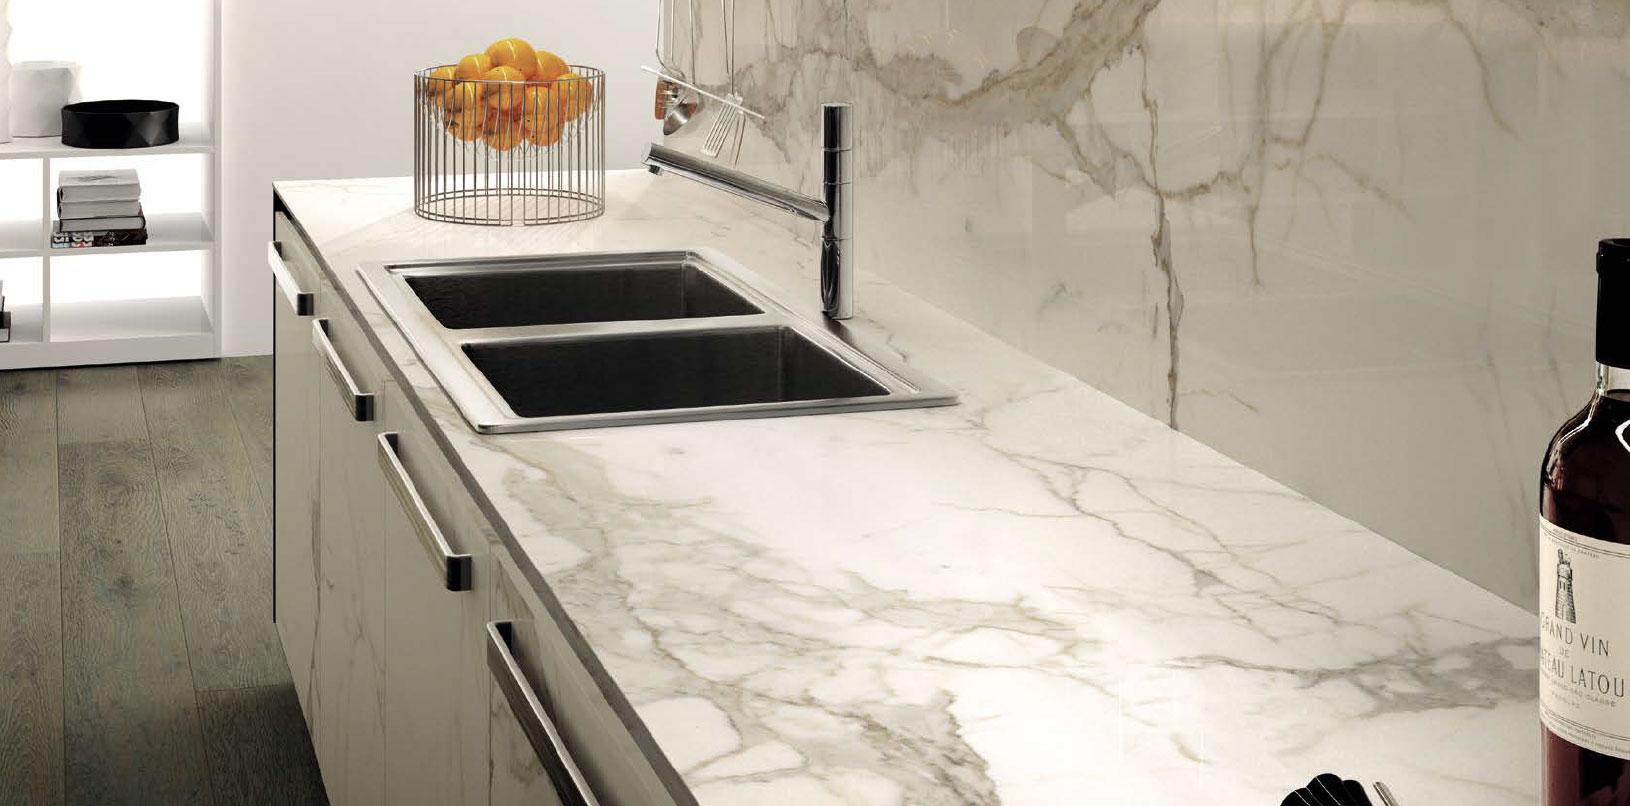 Top cucina calacatta avetta - Top cucina in marmo ...